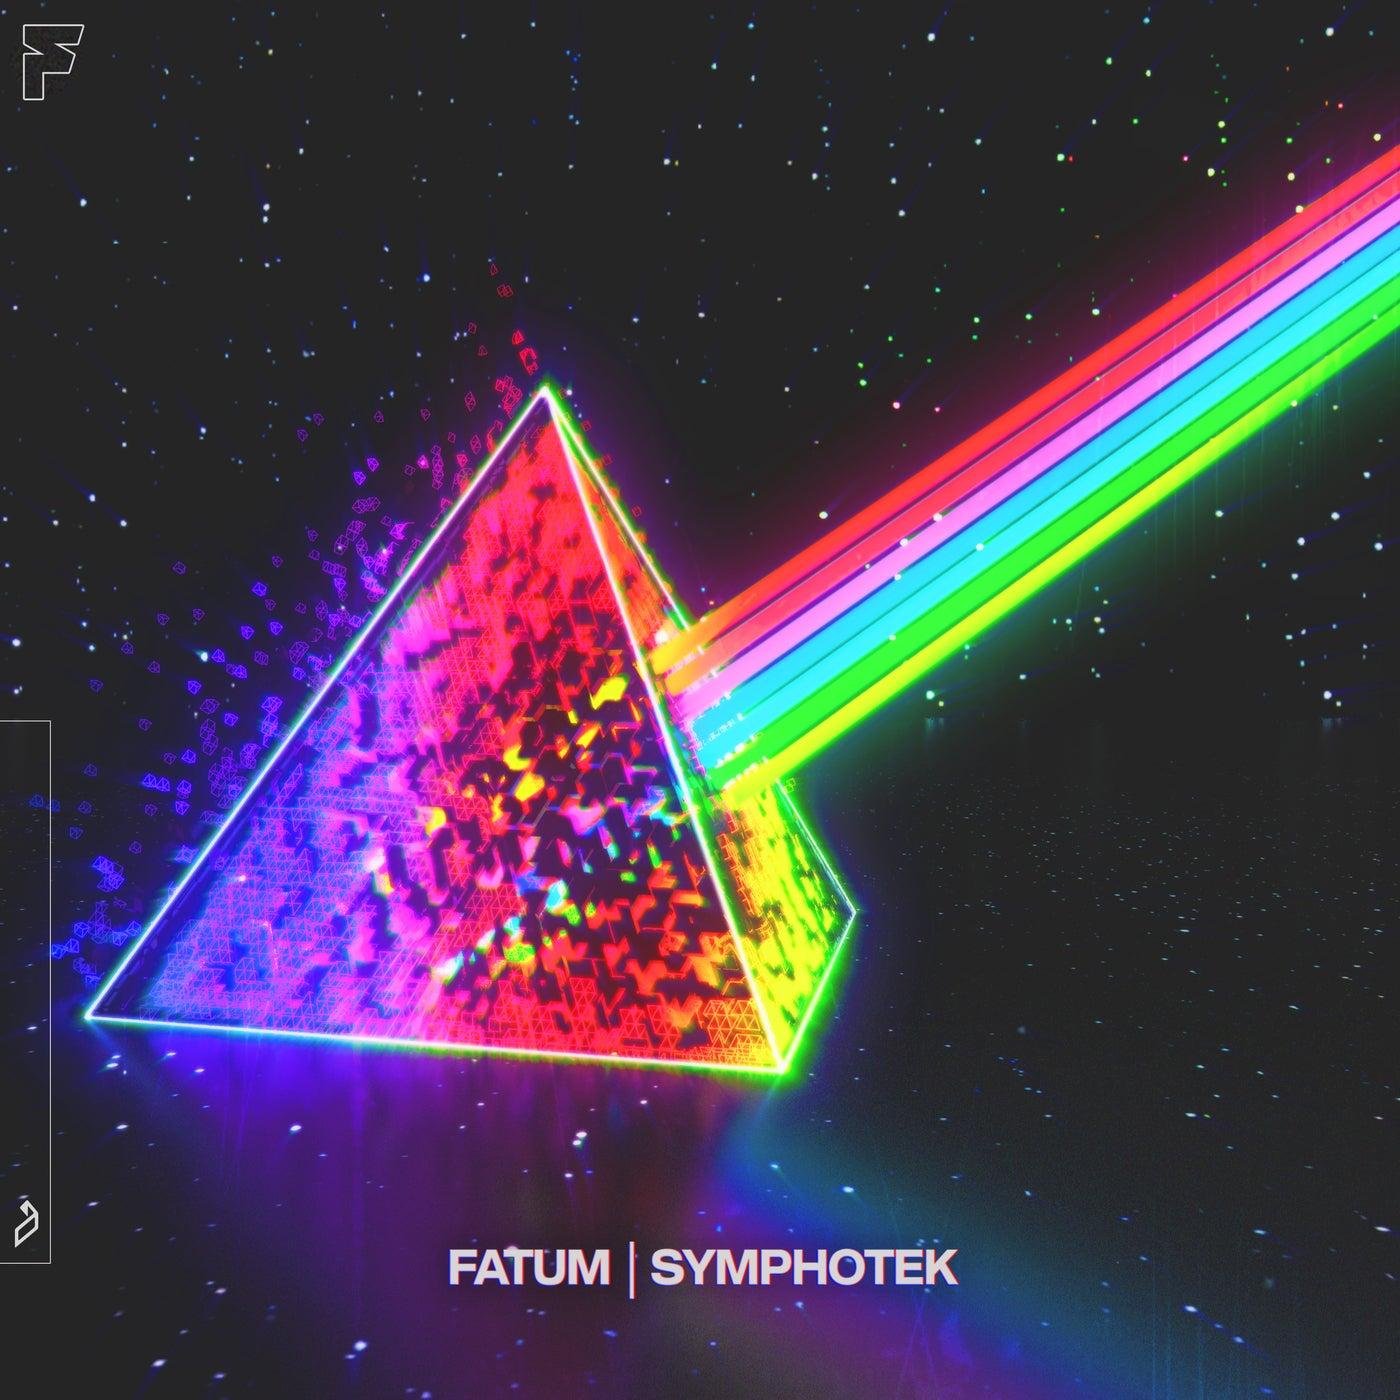 Symphotek (Extended Mix)